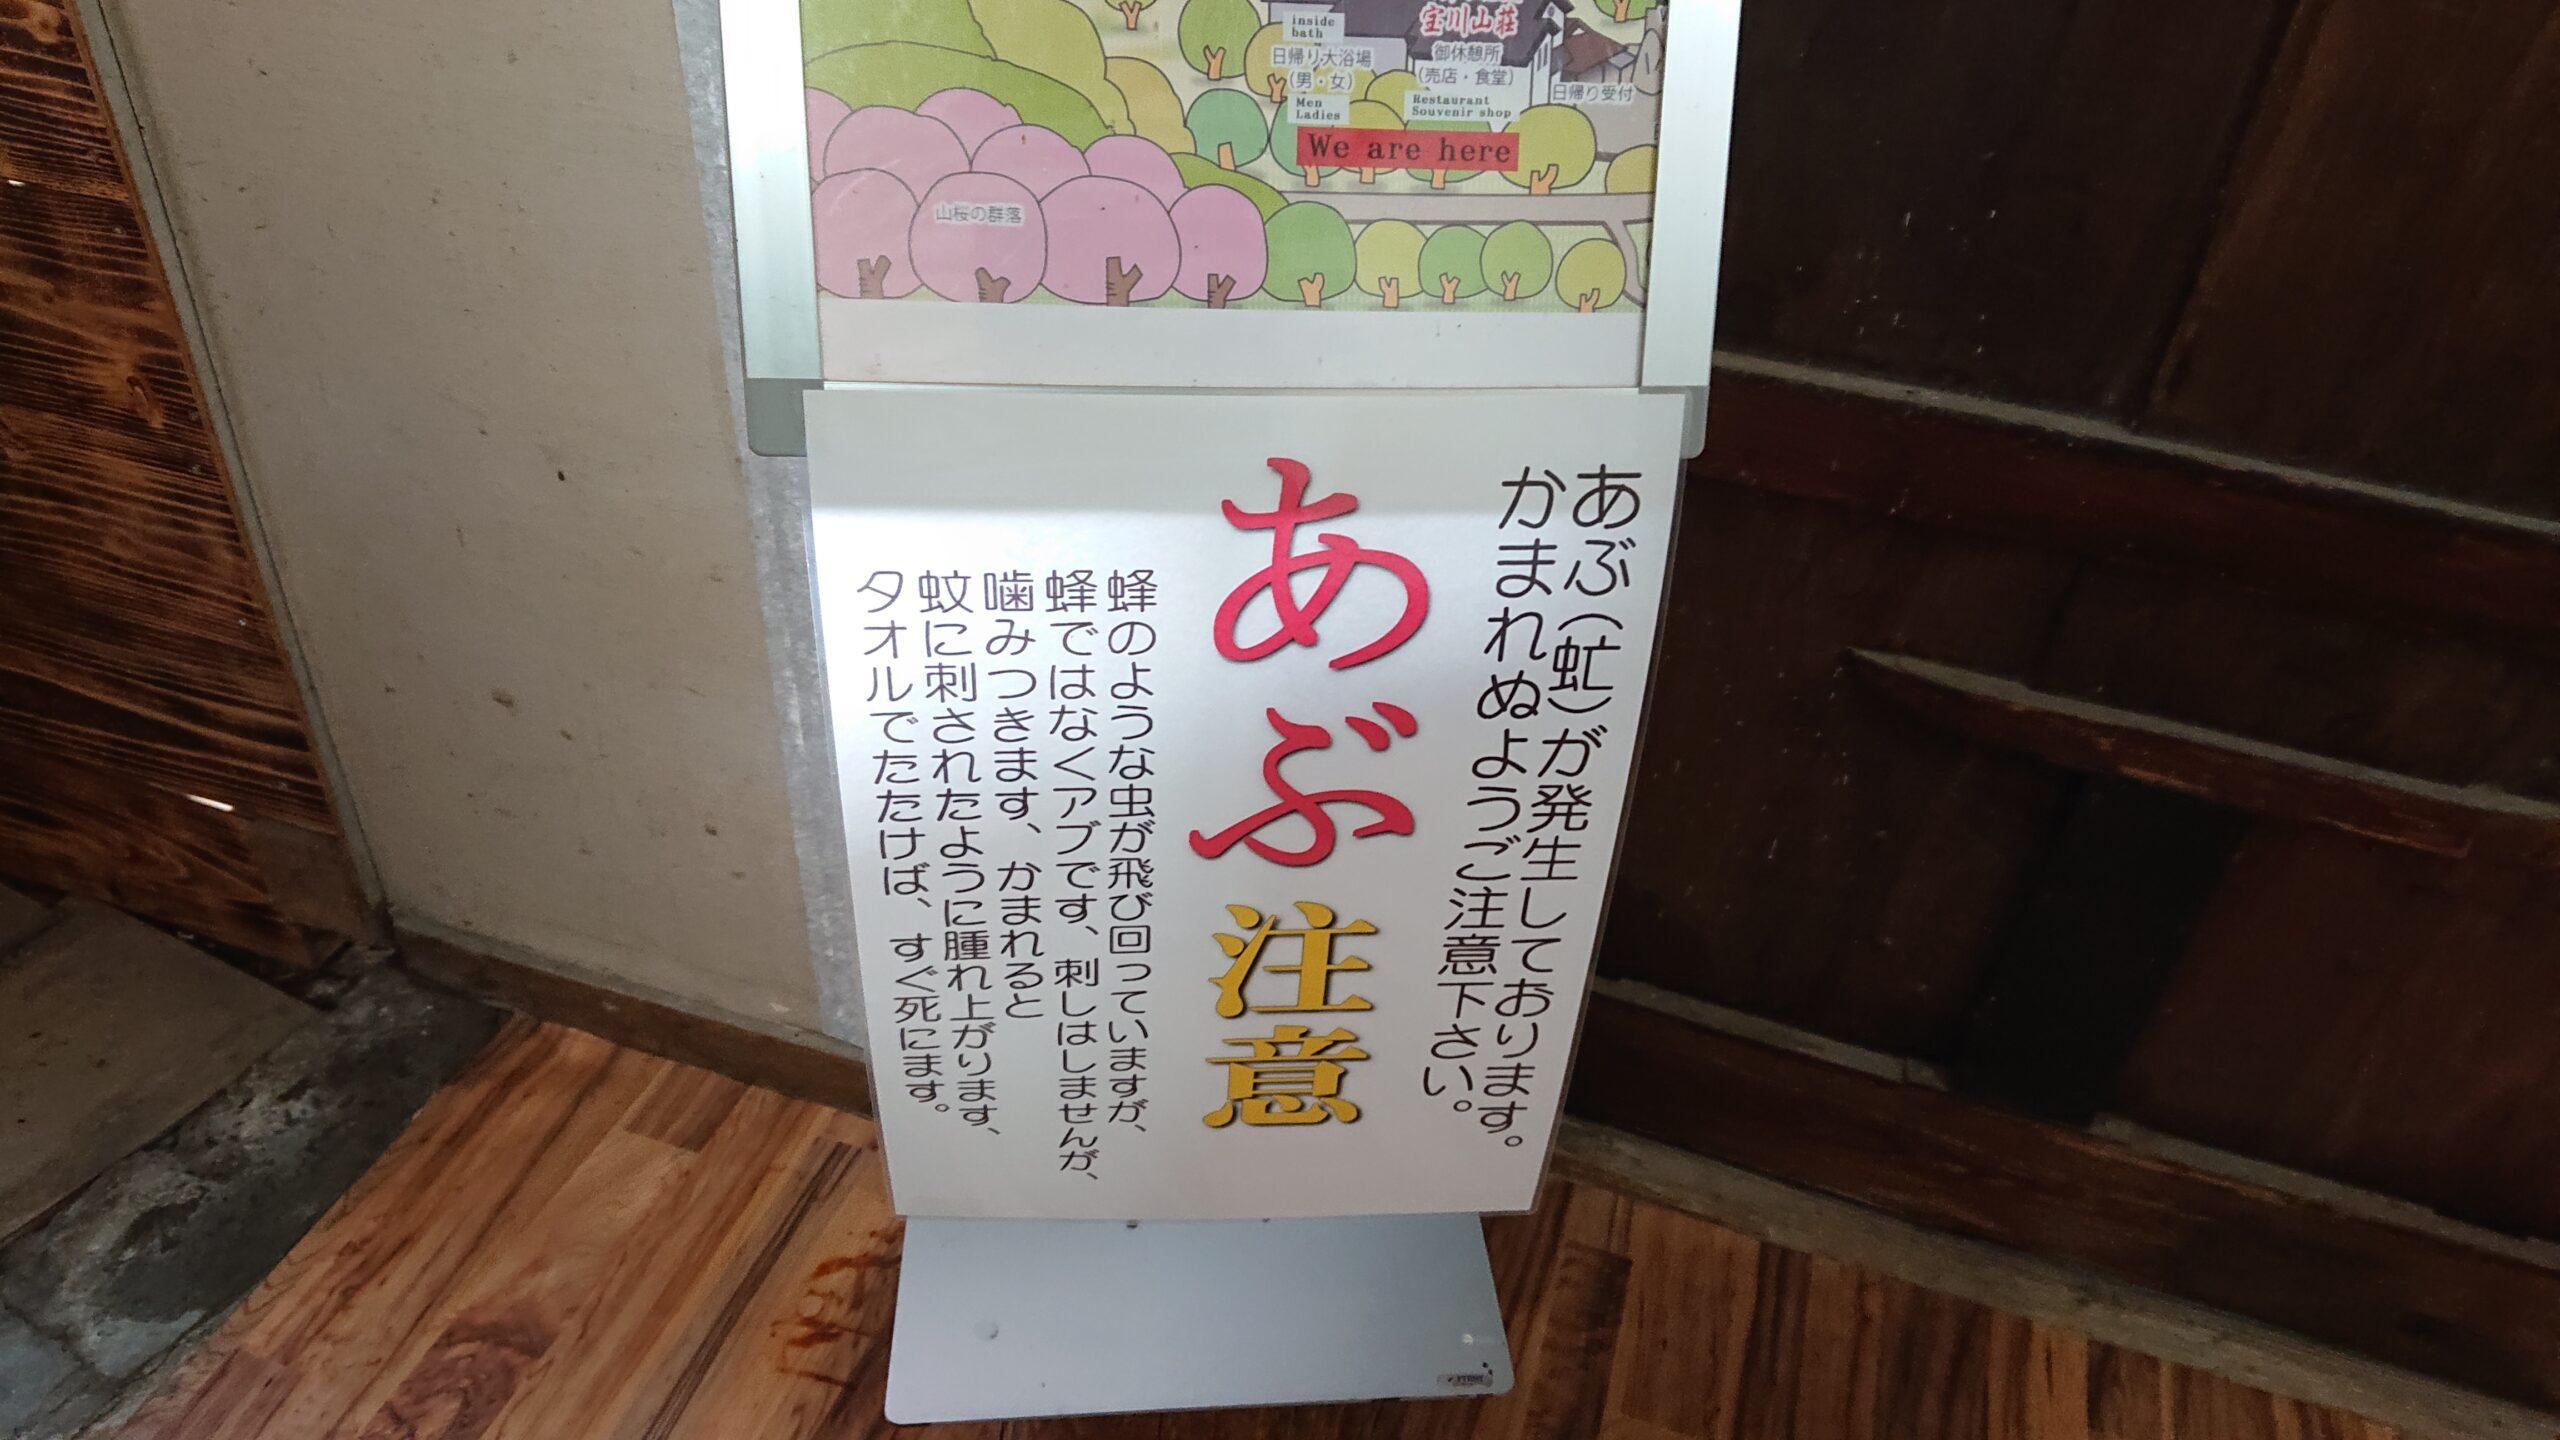 宝川温泉汪泉閣の露天風呂は夏季はあぶ注意